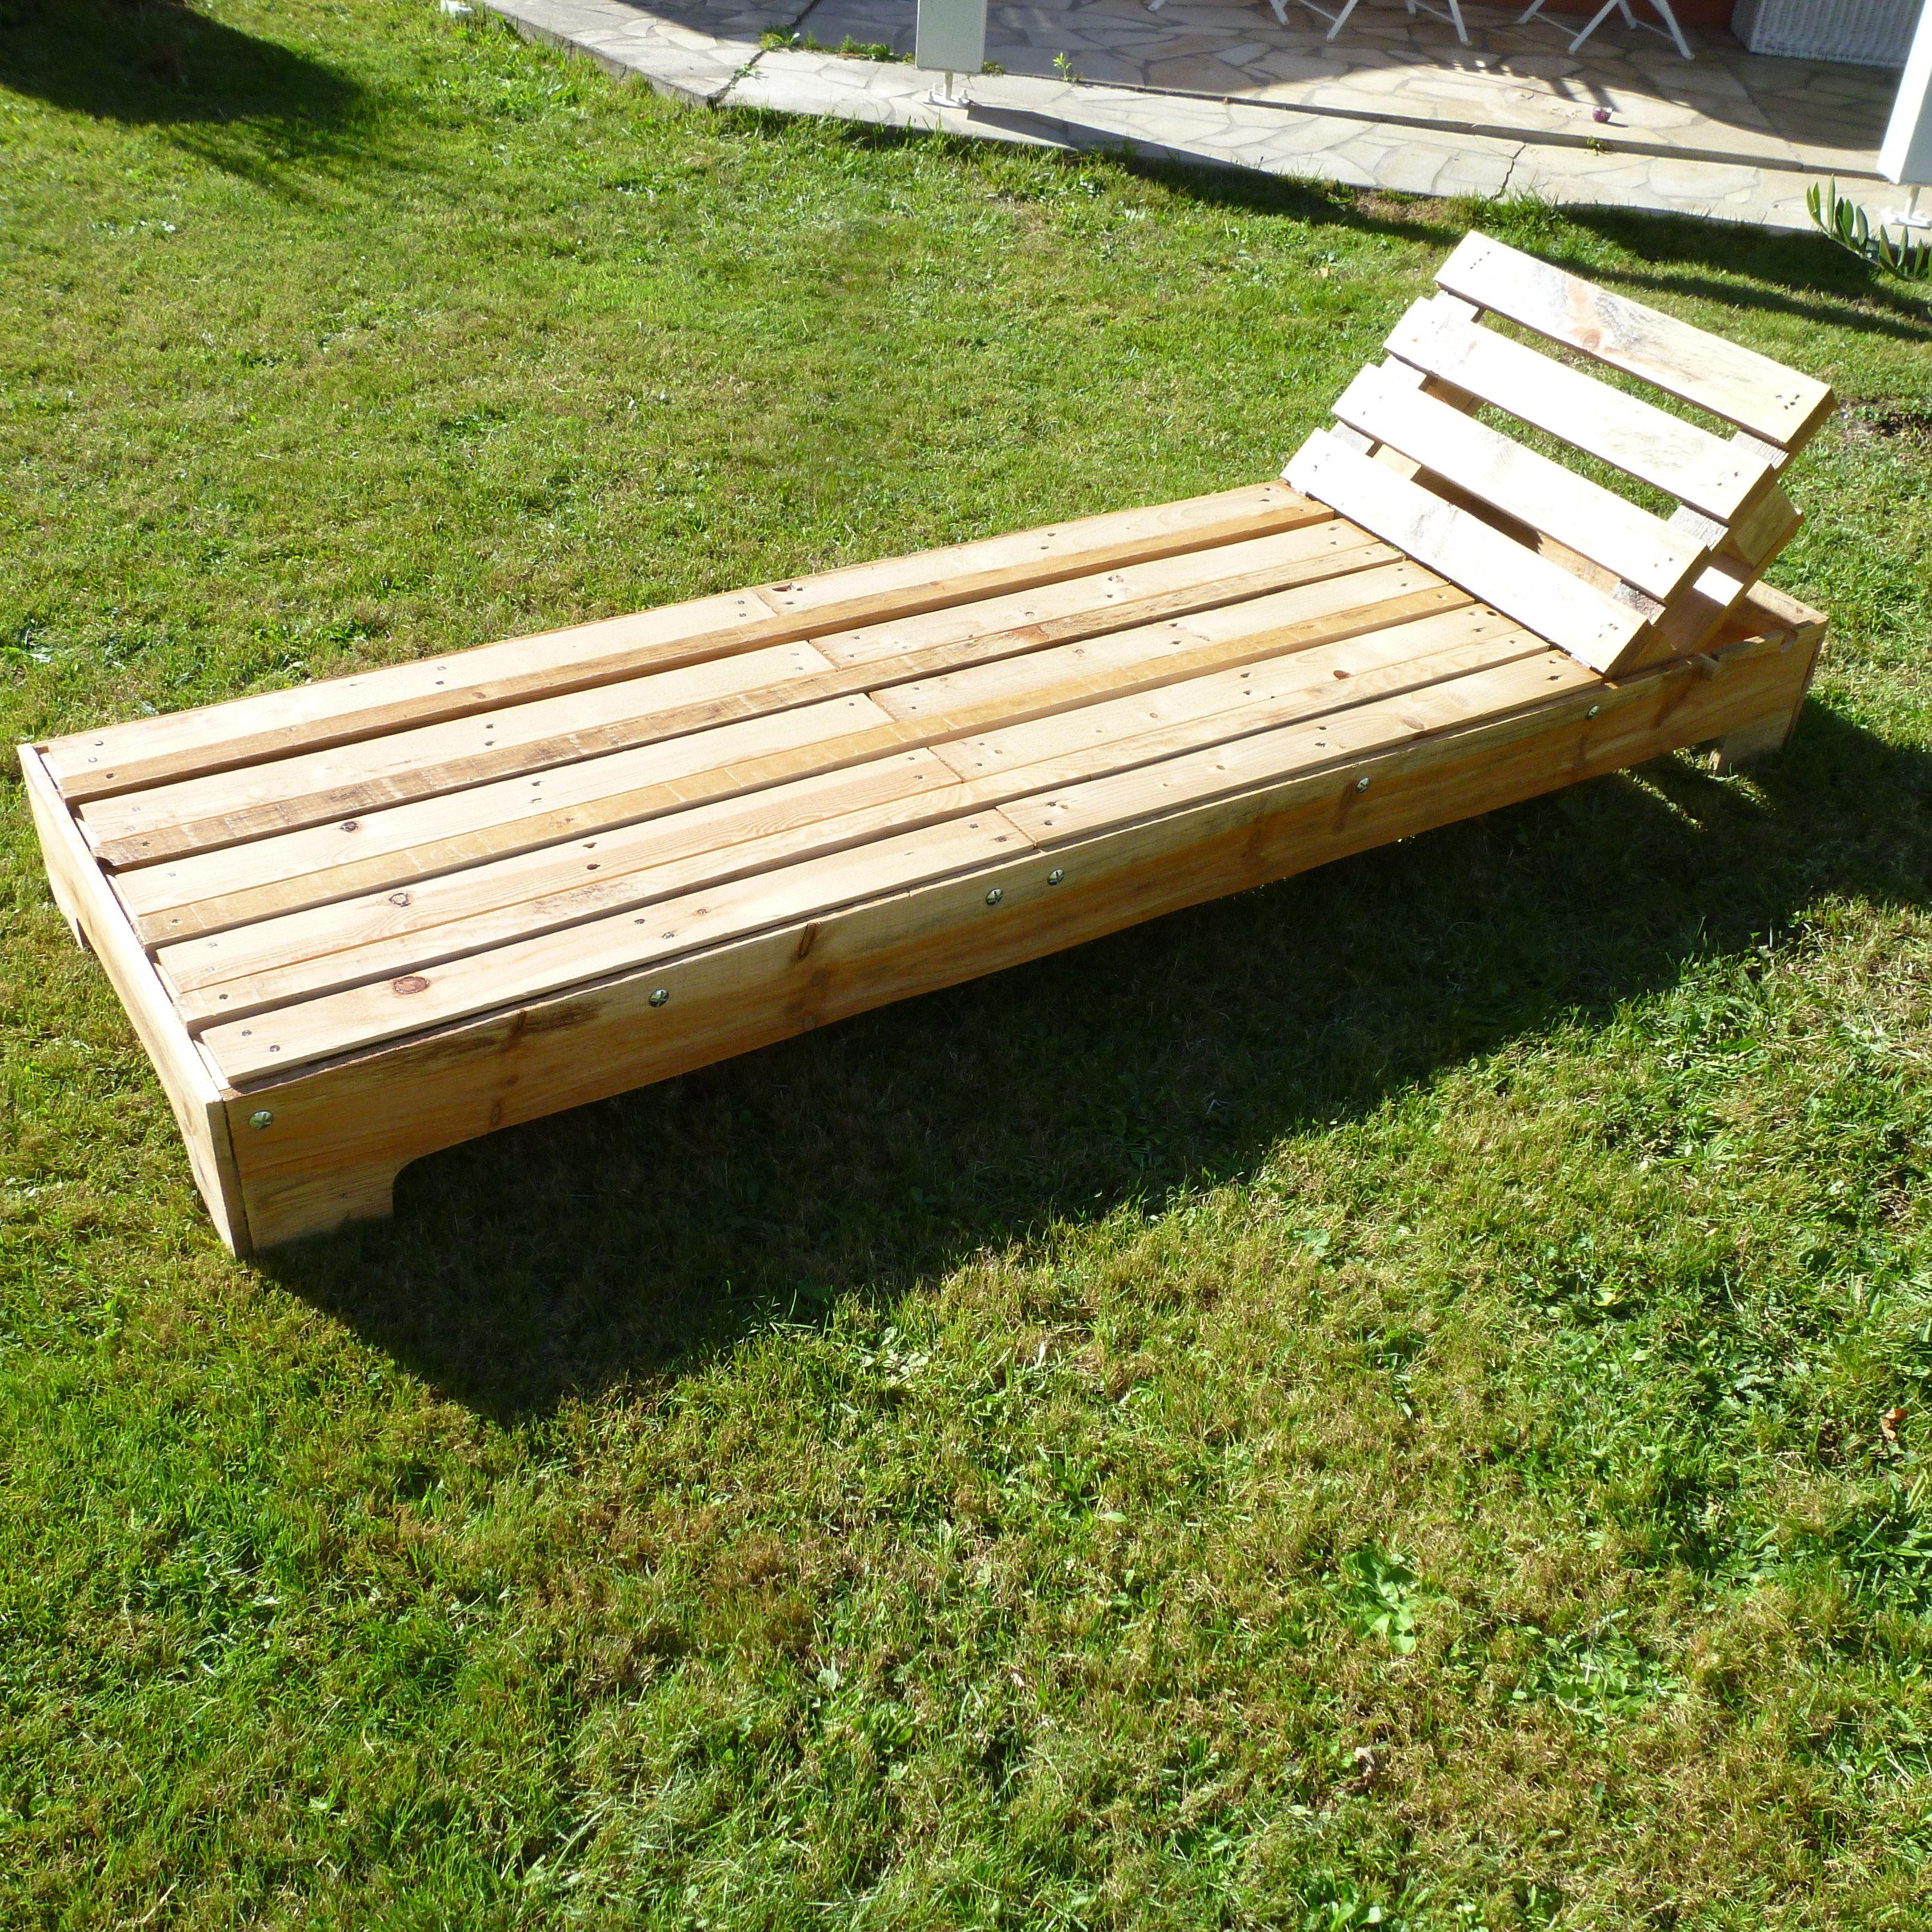 Bain de soleil palette palettes projets pinterest for Chaise longue bain de soleil pas cher